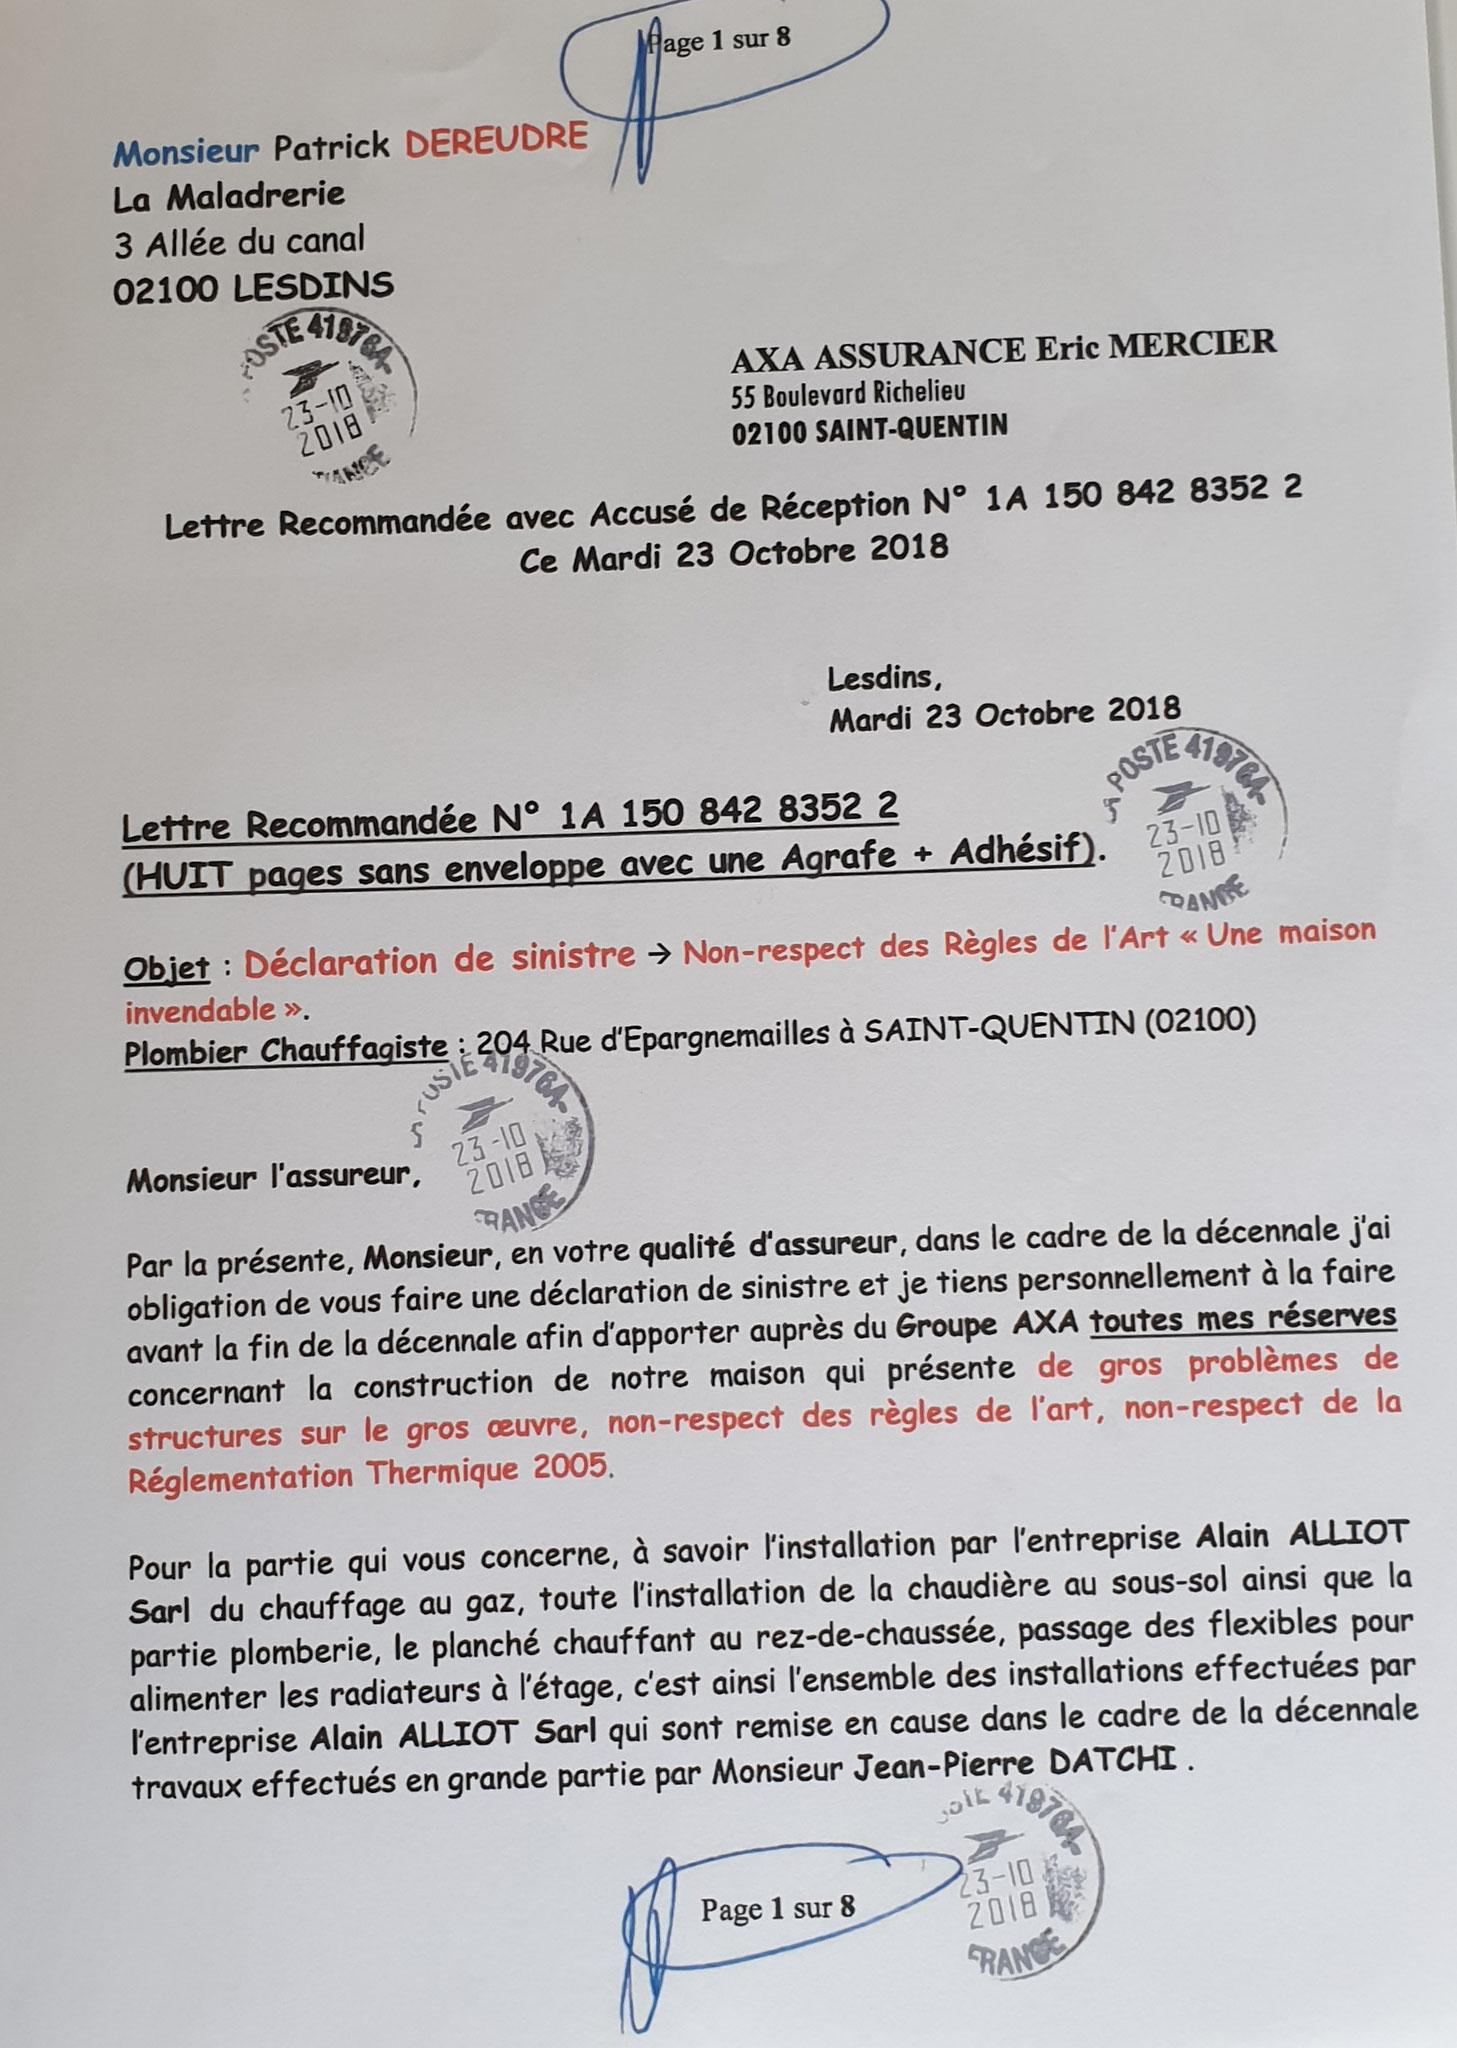 Le 23 Octobre 2018 j'adresse à AXA une LRAR N0 1A 150 842 8352 2 (huit pages) www.jenesuispasunchien.fr www.jesuisvictime.fr www.jesuispatrick.fr PARJURE & CORRUPTION